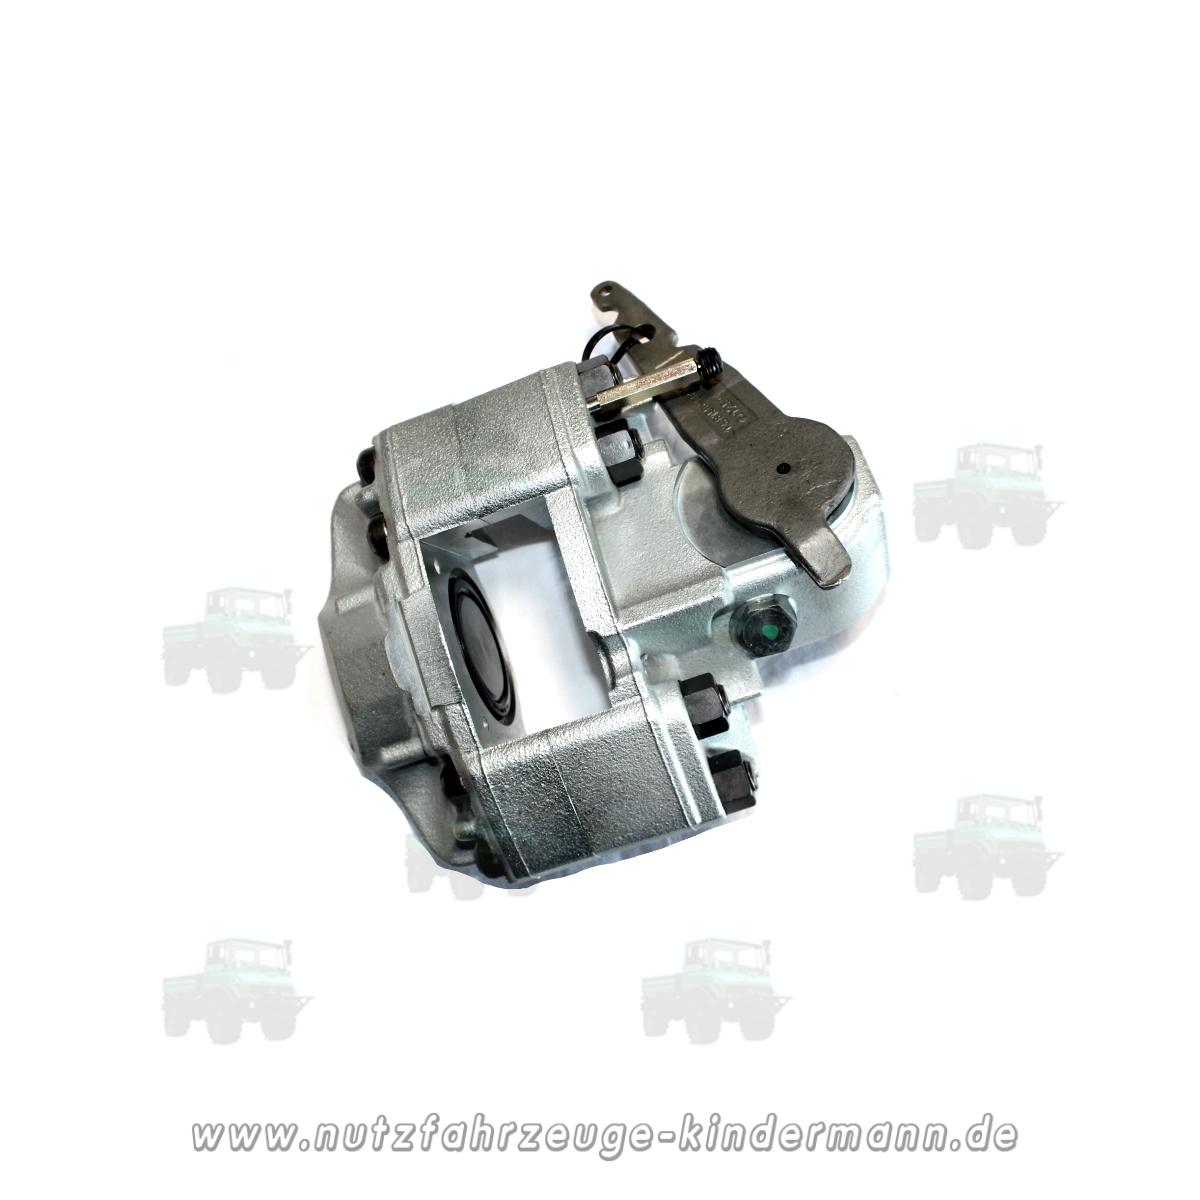 DCC moteur+2 AUX Decoder digital LaisDcc 860010 Decodeur 6 poles NEM 651 6 fils